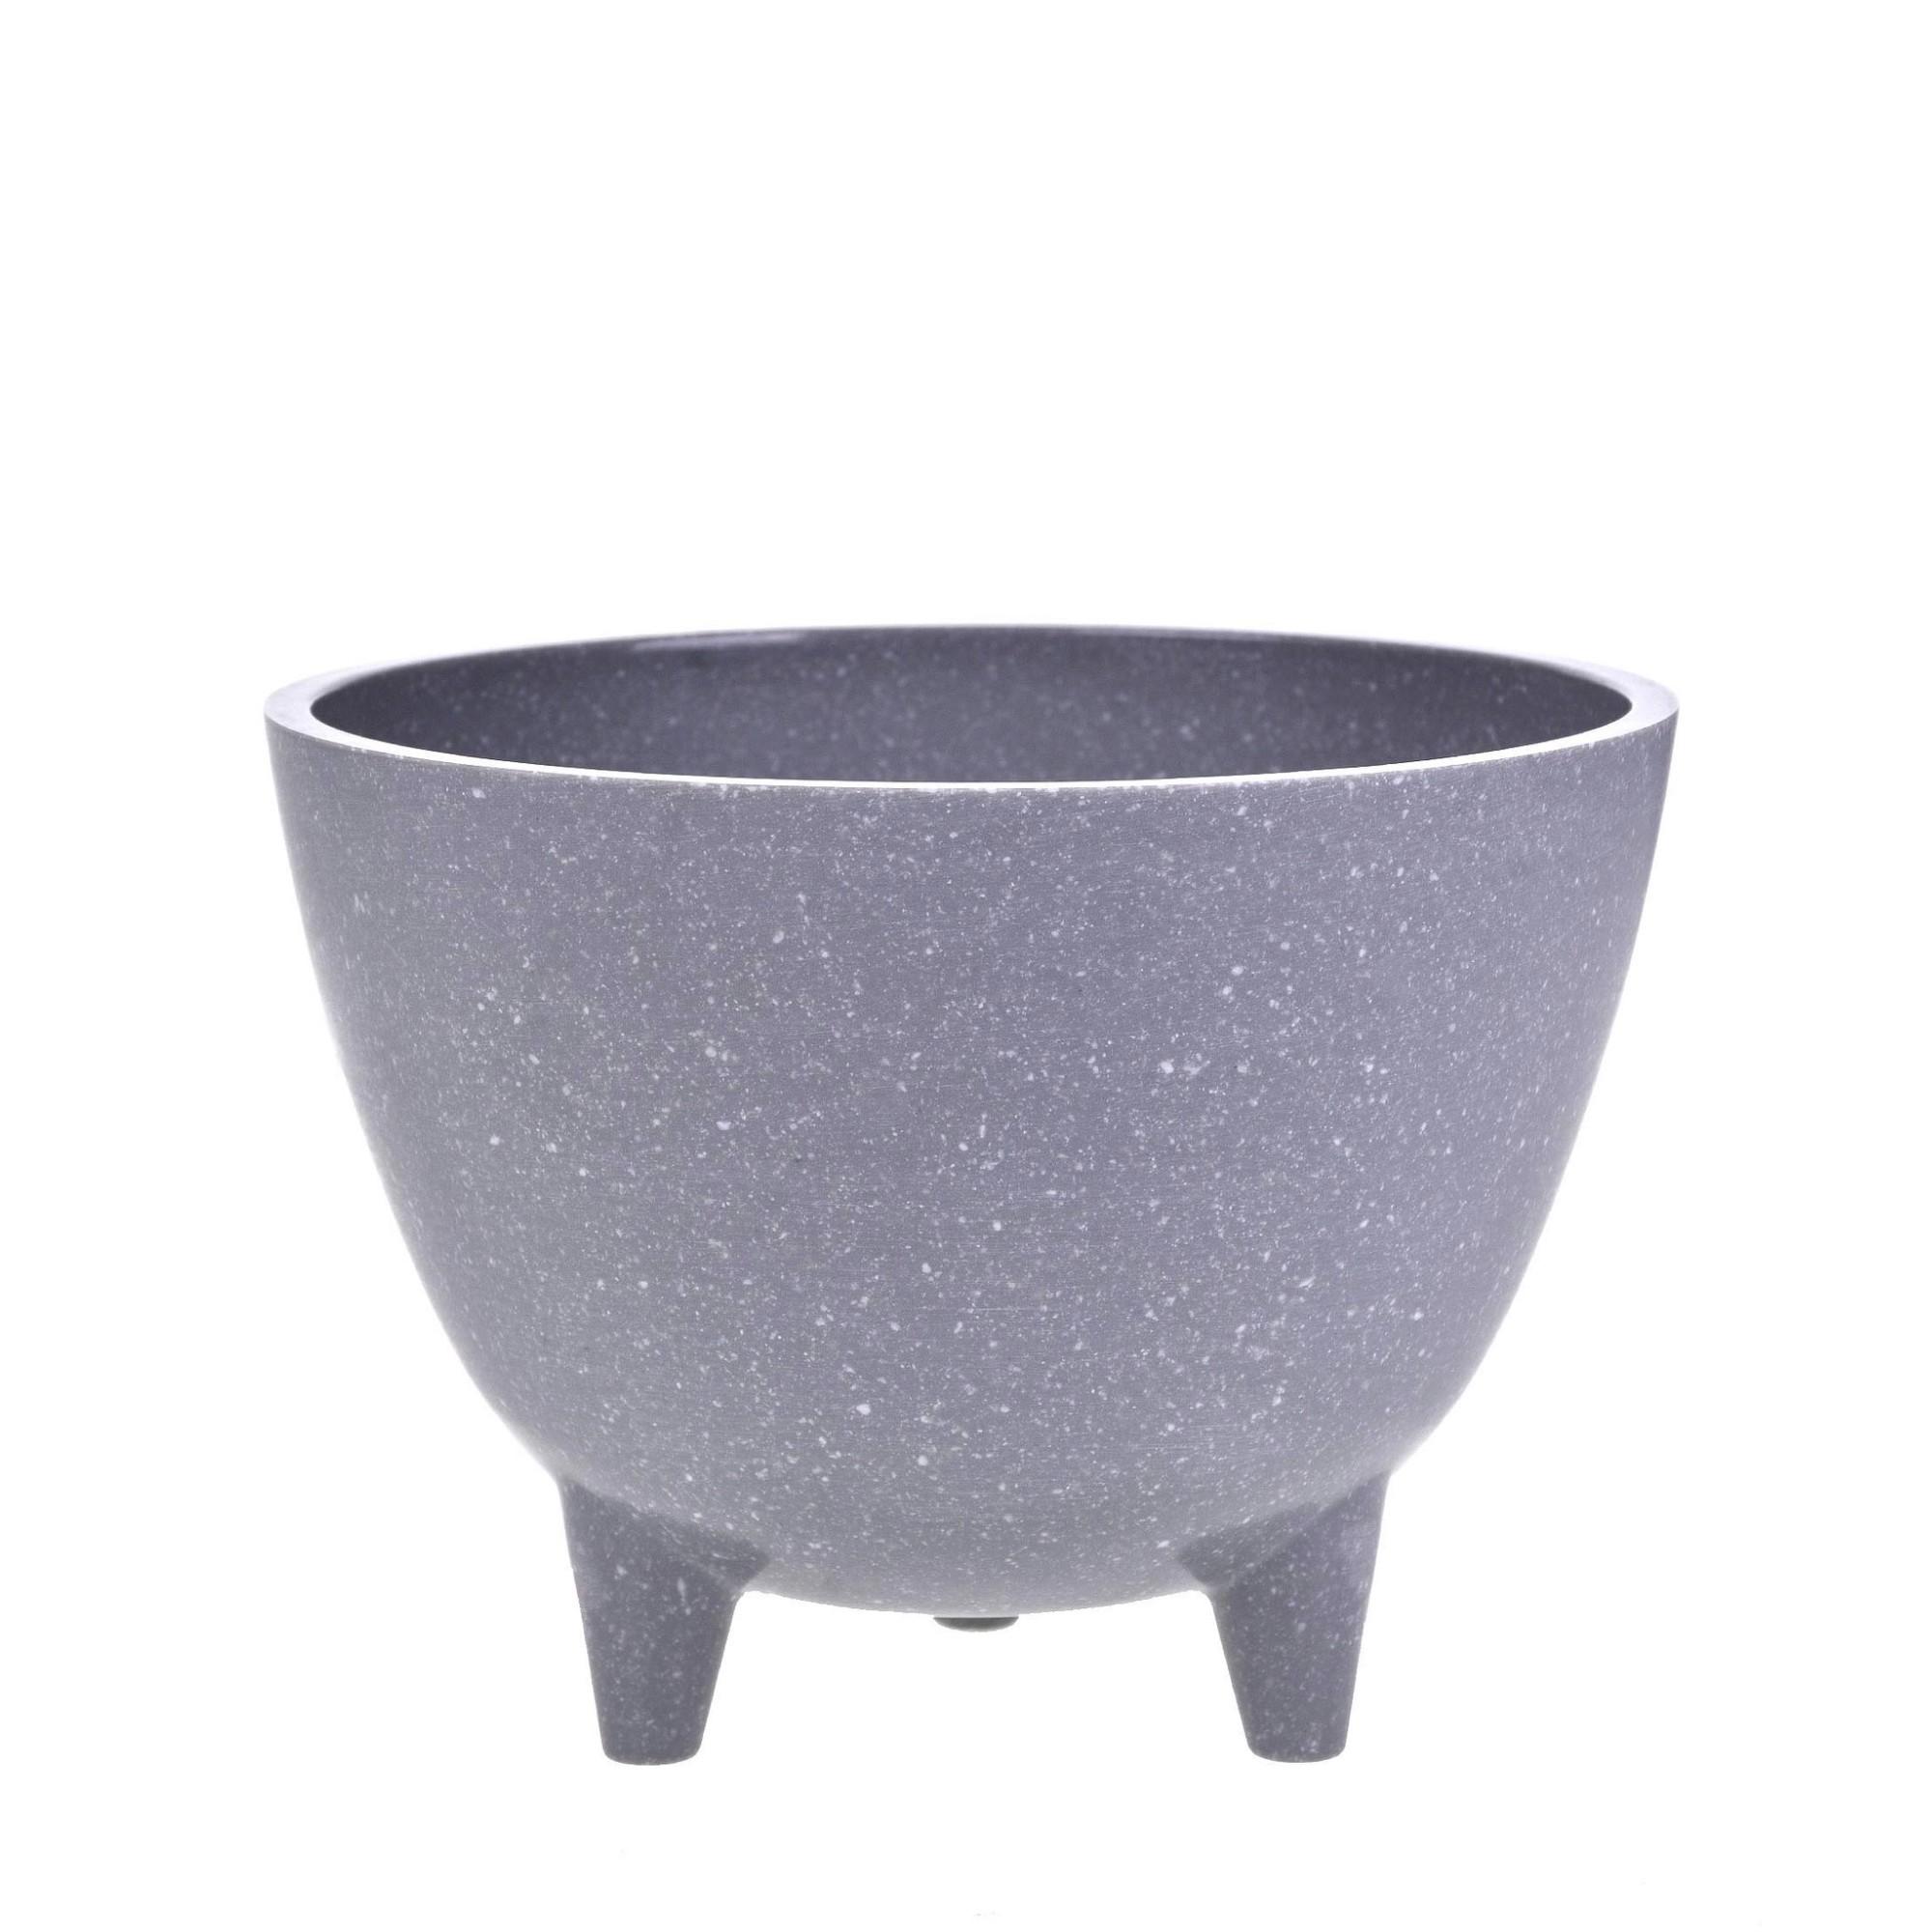 Vaso Decorativo de Melamina 10cm Cinza